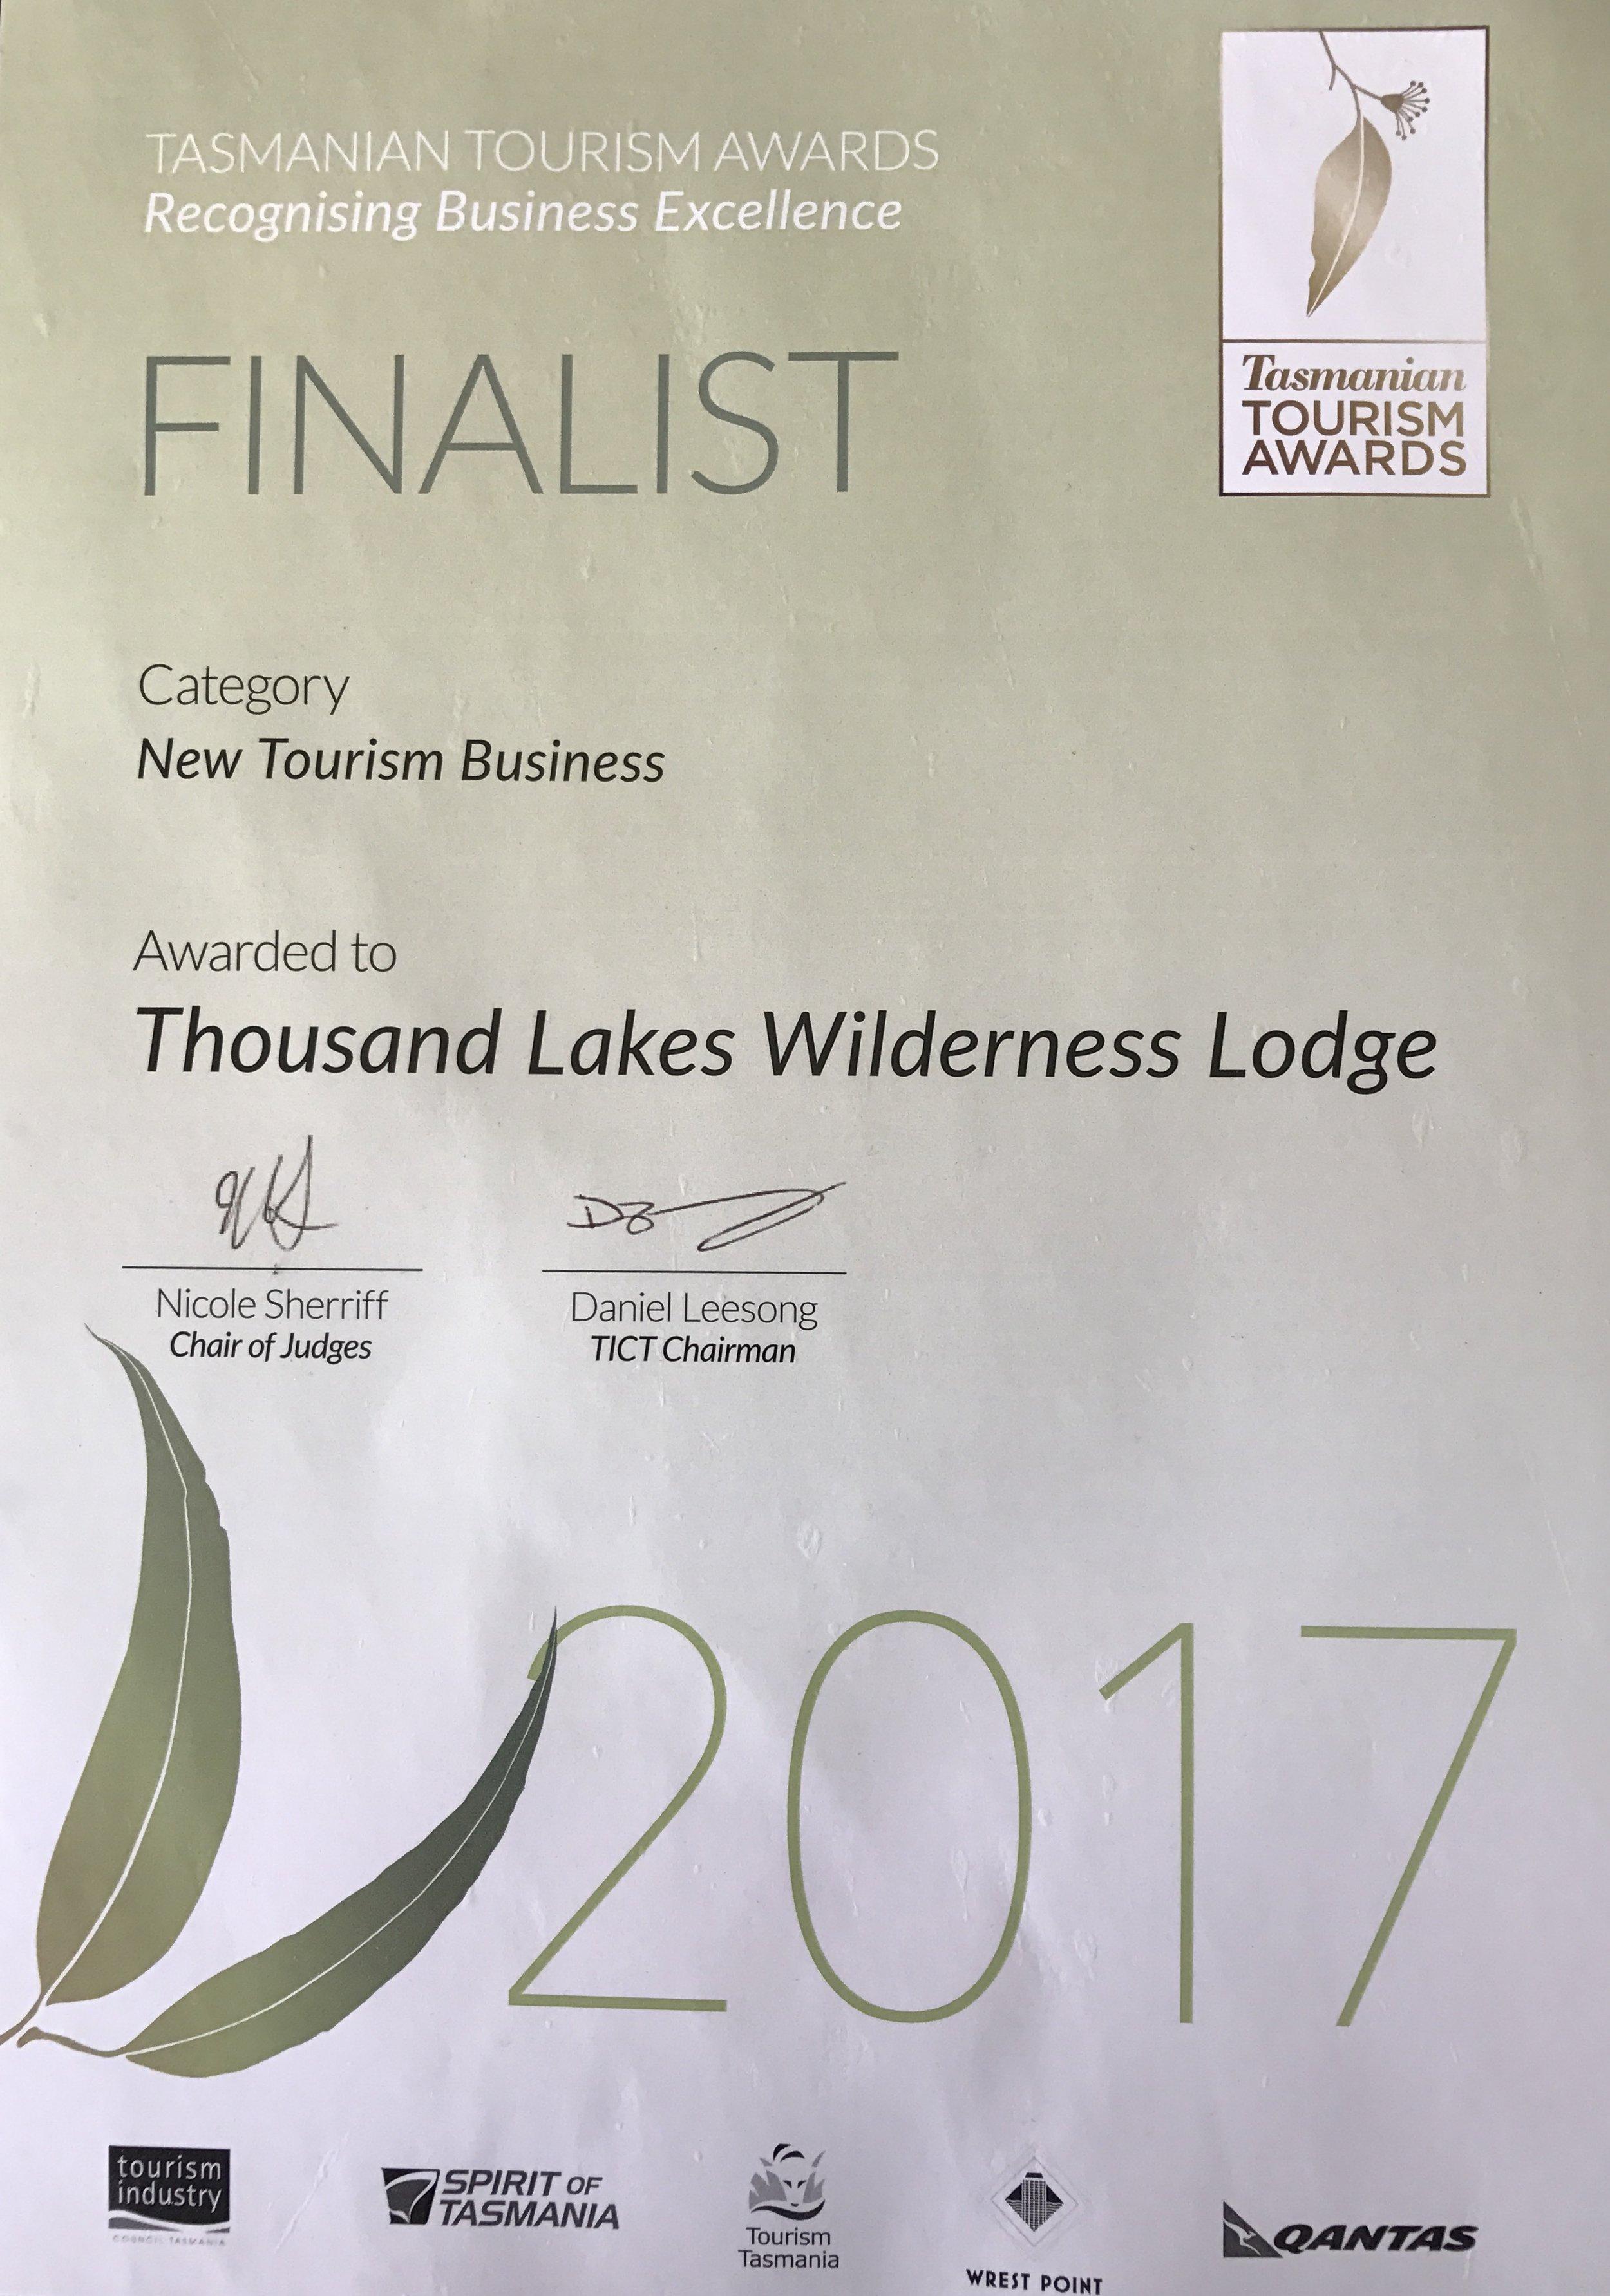 Thousand Lakes Lodge Tourism Award